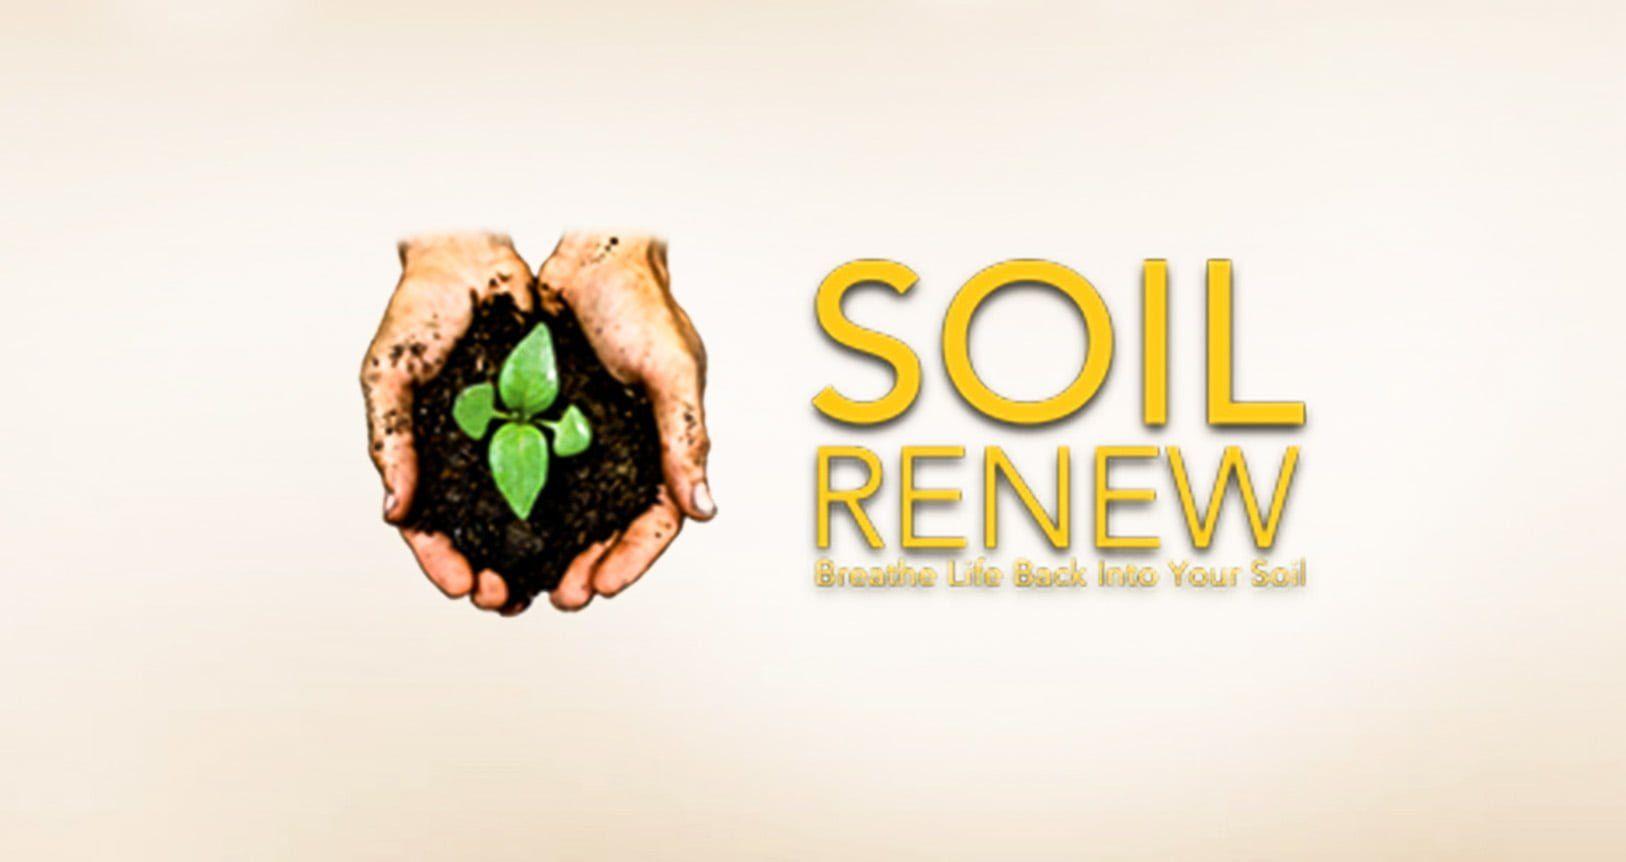 Soil Renew - Breathe life back into the soil - Branding